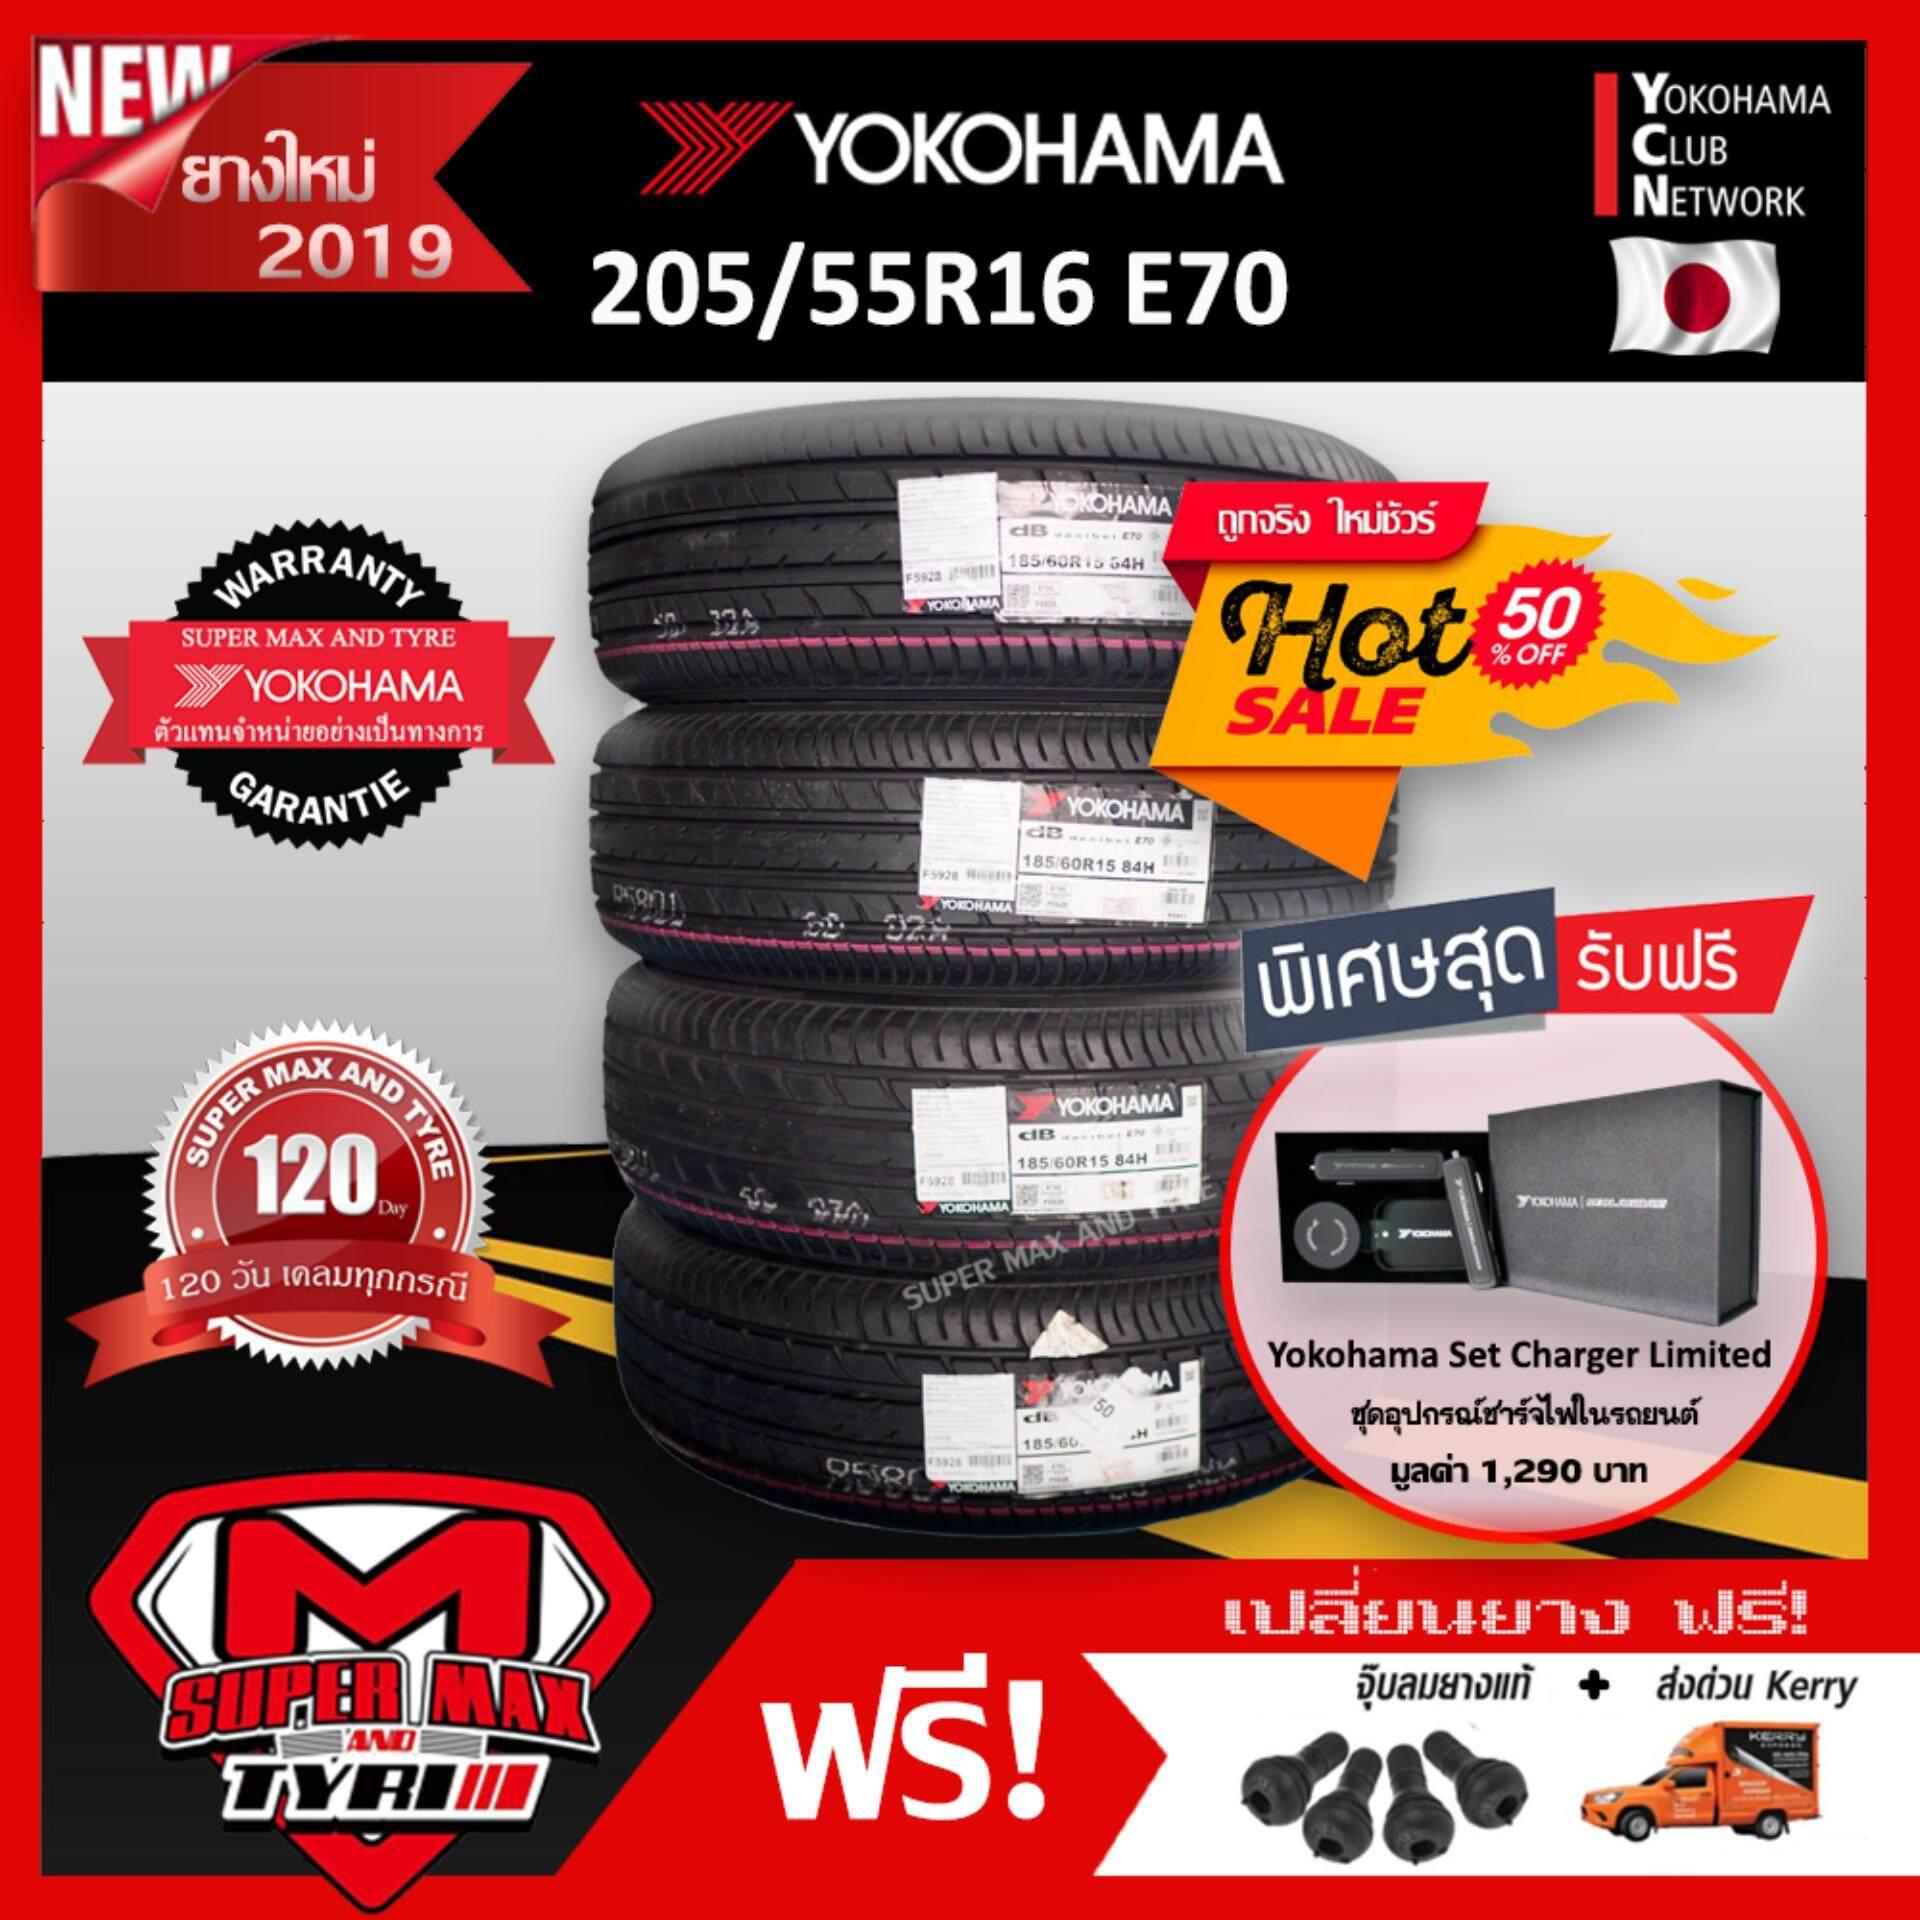 มหาสารคาม [SALE !!!] 4 เส้นราคาสุดคุ้ม Yokohama 205/55 R16 (ขอบ16) ยางรถยนต์ รุ่น ADVAN DB Decibel E70 ยางใหม่ 2019 จำนวน 4 เส้น